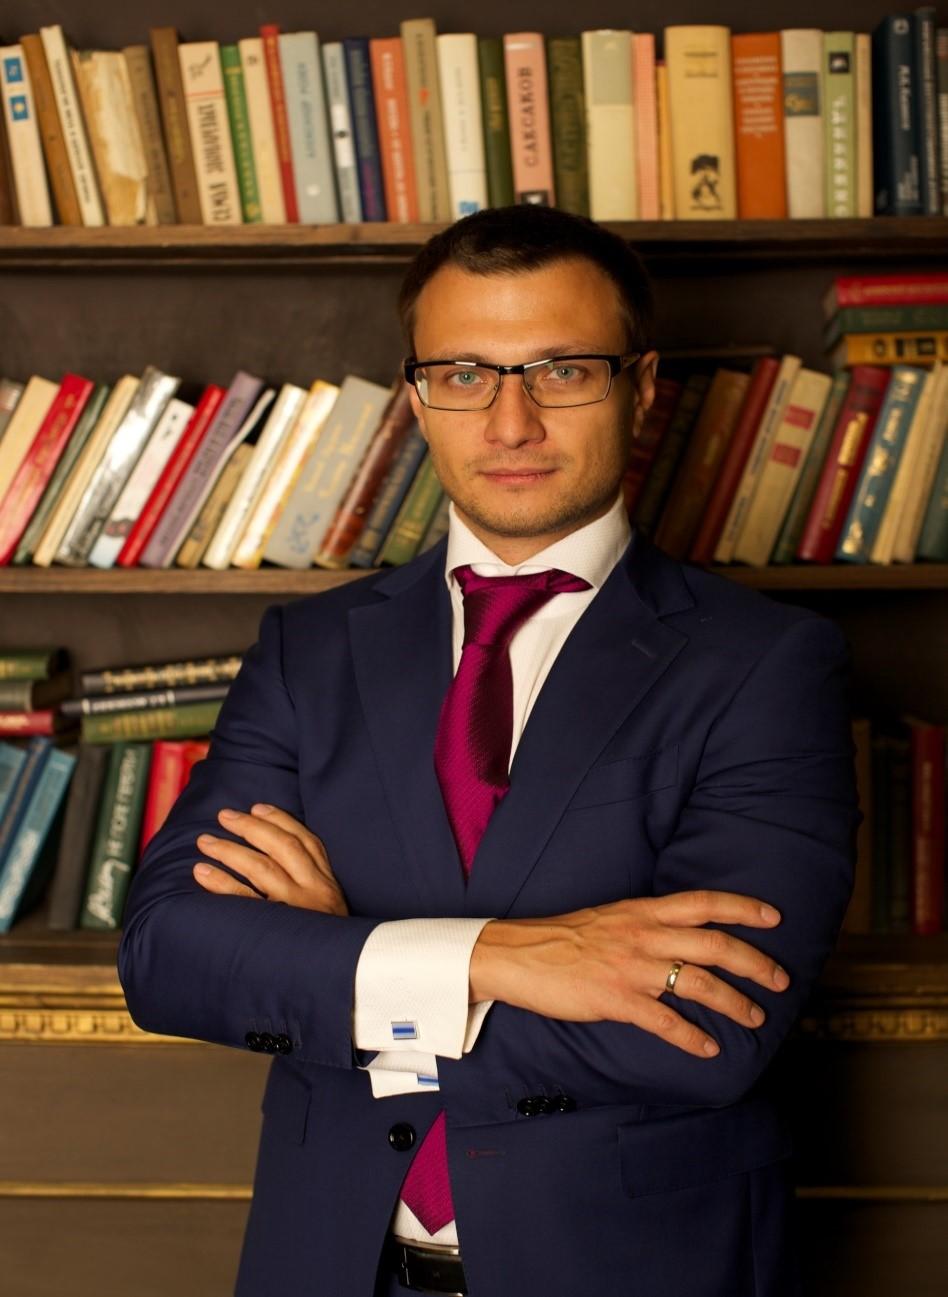 Юрисконсульт, или юрист-консультант, вакансии, работа в юридическом агентстве